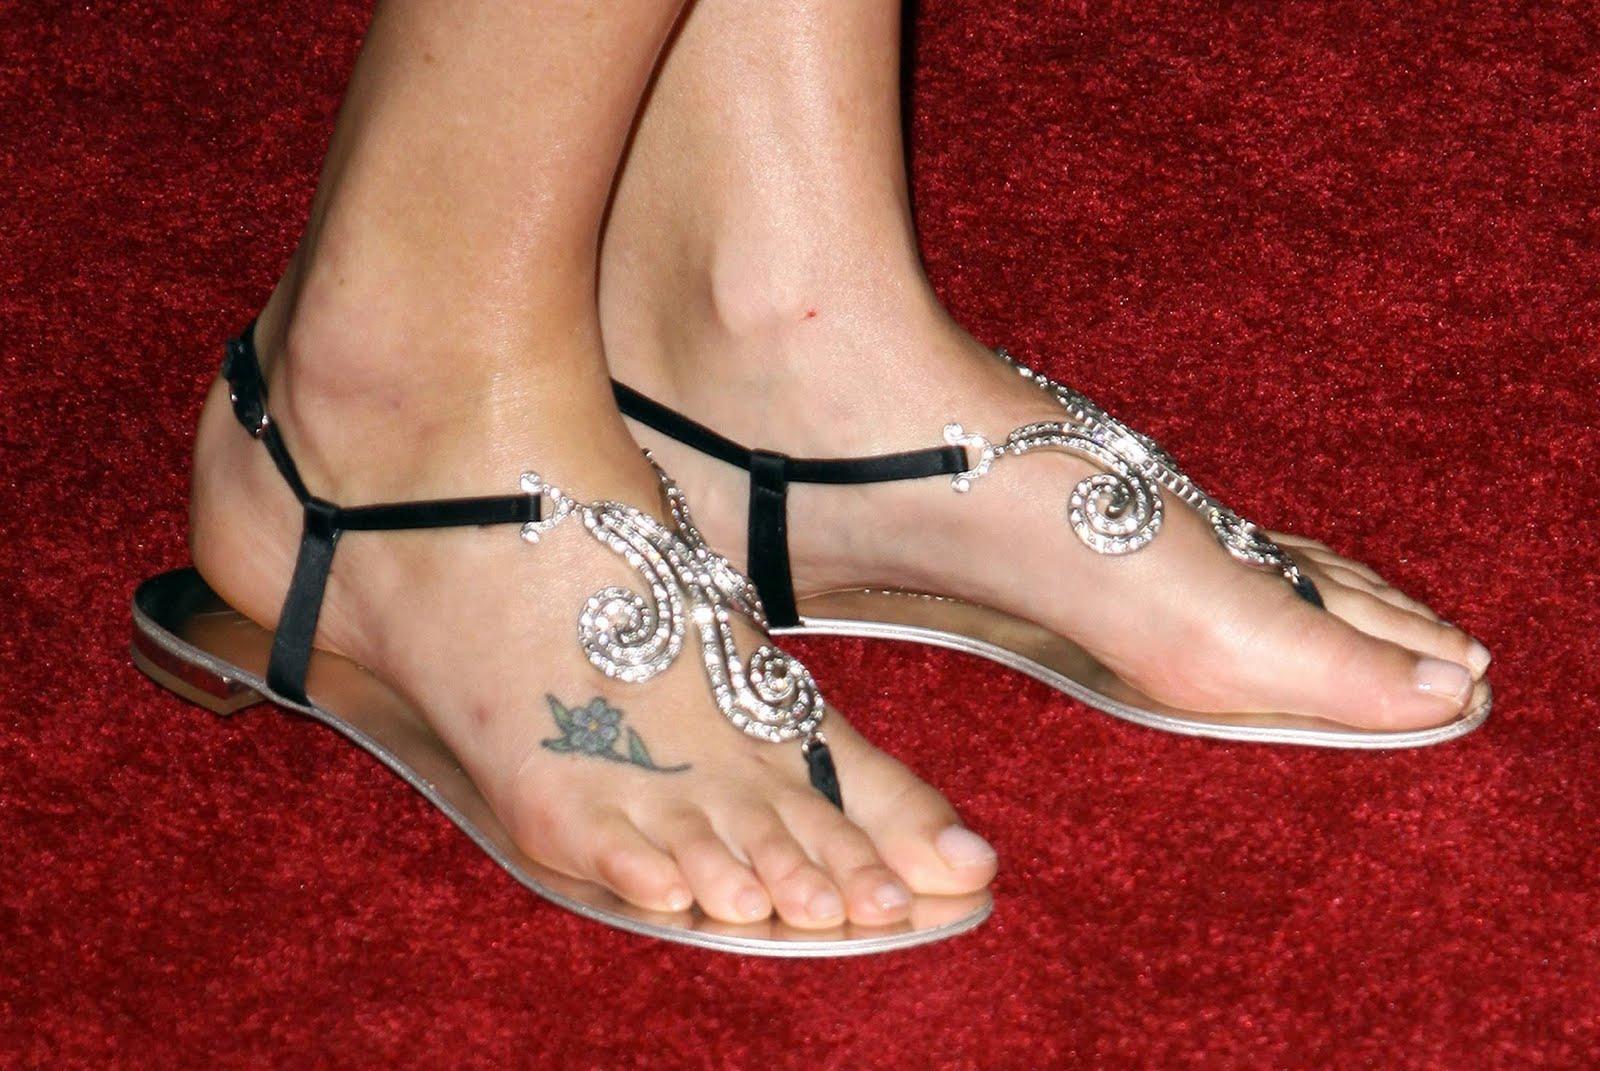 http://1.bp.blogspot.com/_bQ0SqifjNcg/TIckKMc_G4I/AAAAAAAAckM/uKpdabeuSaY/s1600/charlize-theron-feet-4.jpg